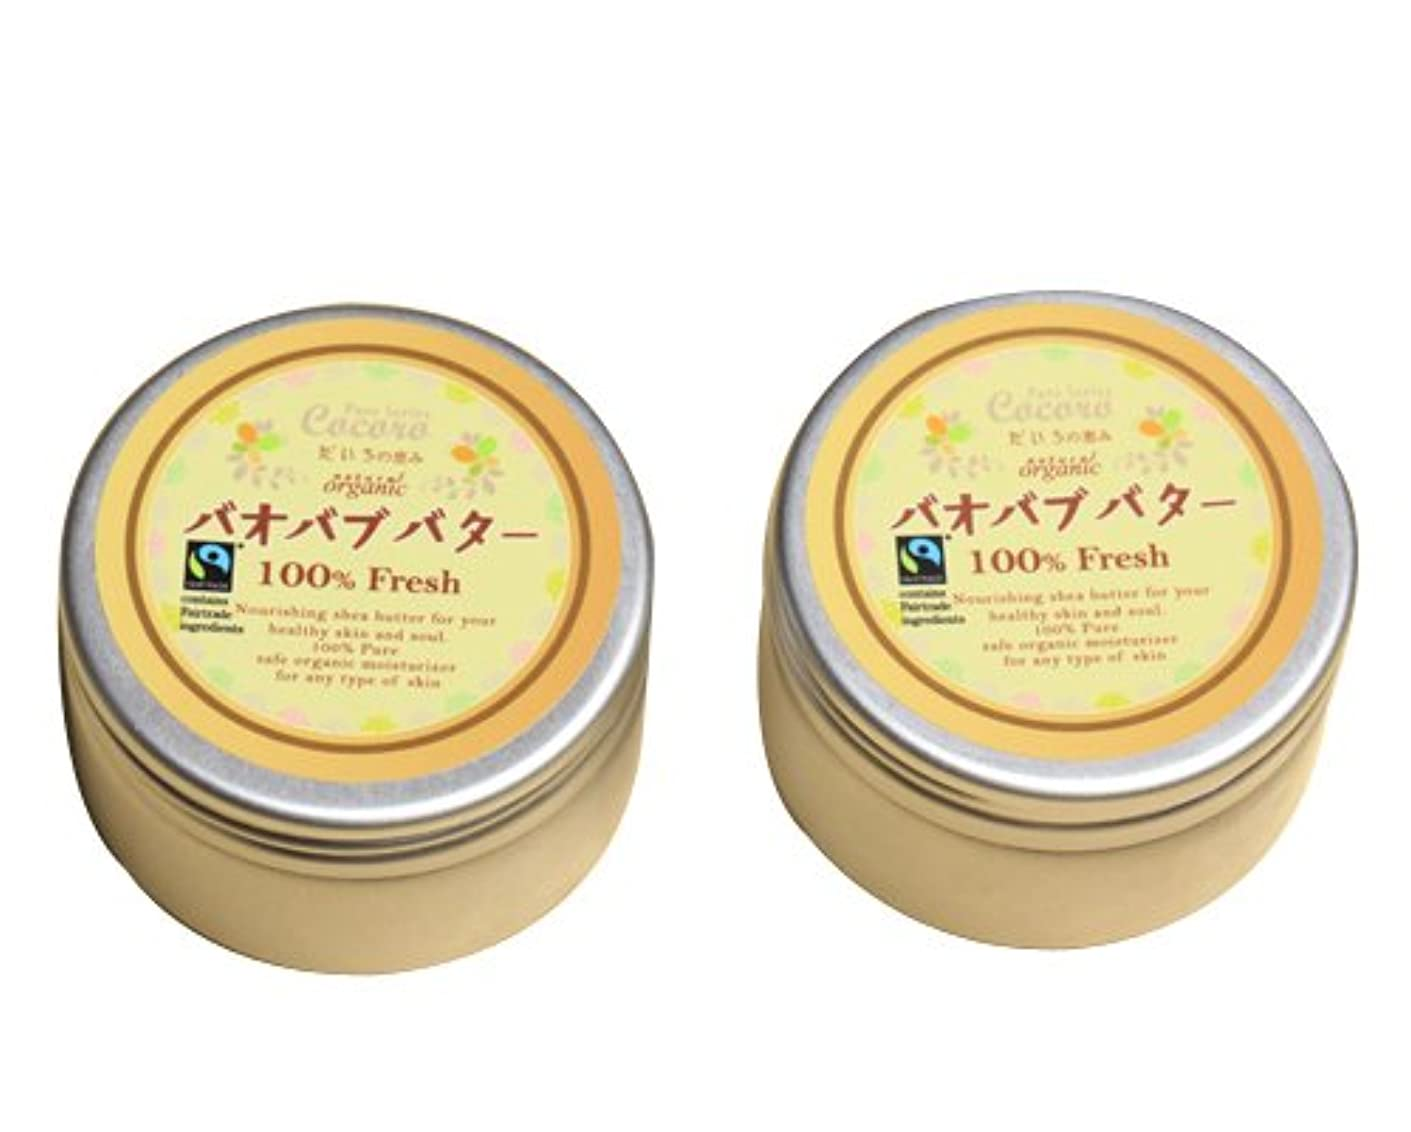 シアバターとバオバブオイルのブレンドバター フェアトレード認証つき 2個